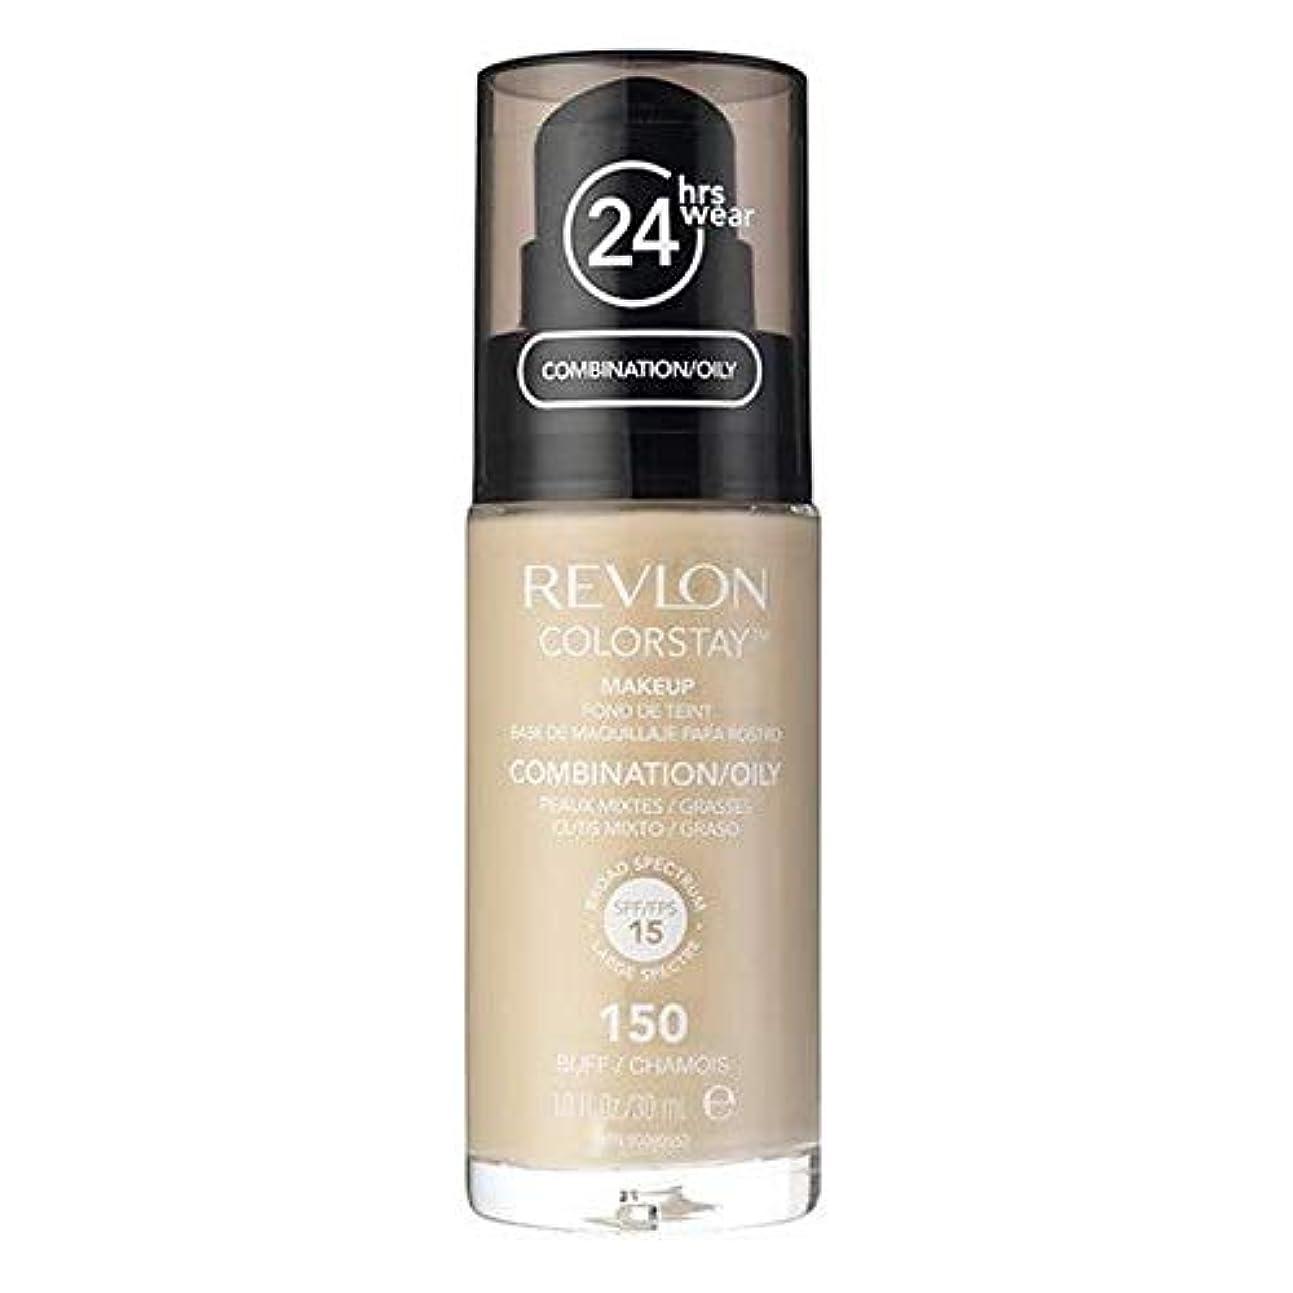 劇場落ちた作ります[Revlon ] レブロンカラーステイ基盤コンビ/油性バフ30ミリリットル - Revlon Color Stay Foundation Combi/Oily Buff 30ml [並行輸入品]